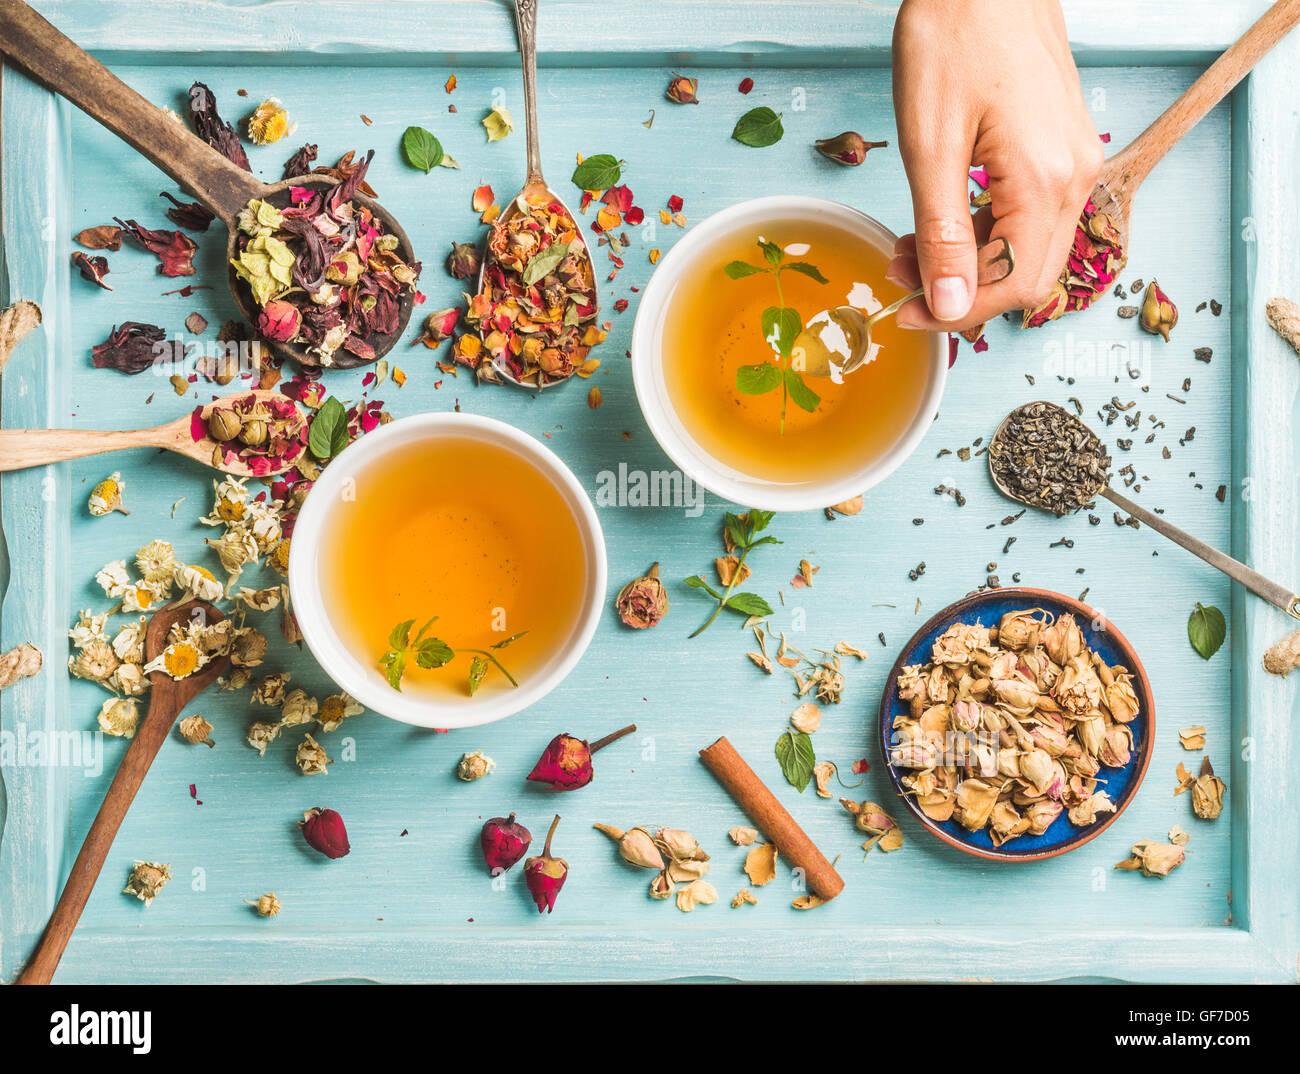 Dos tazas de té de hierbas saludables con menta, canela, rosa, flores secas de manzanilla en las cucharas y la mano del hombre sujetando una cuchara Foto de stock